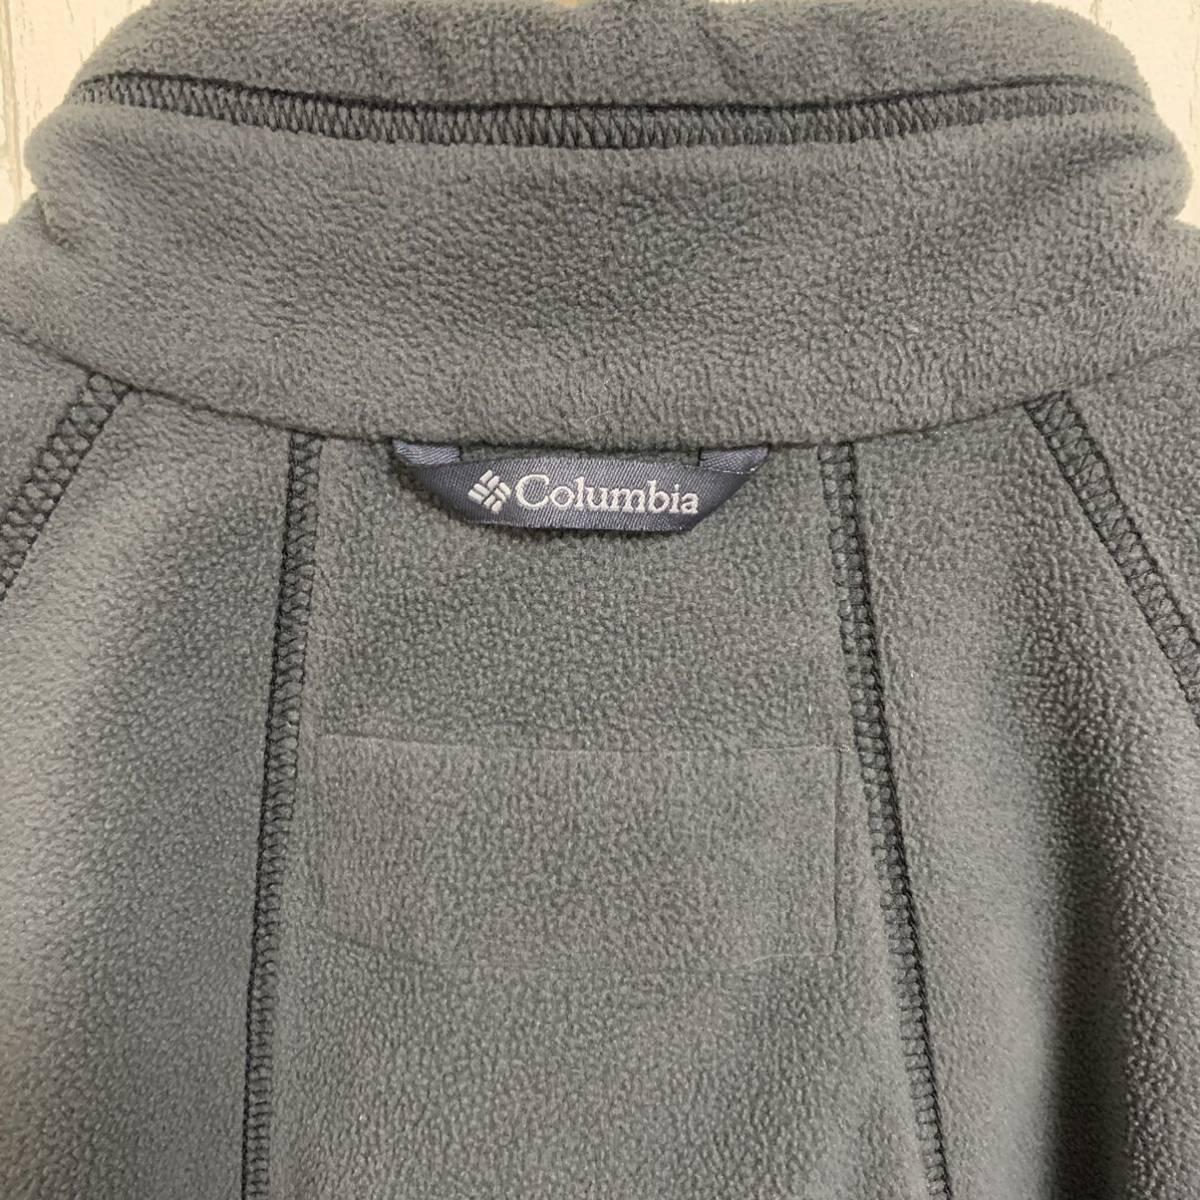 【Columbia】 フリース ブルゾン ハーフジップ ジップロゴ 刺繍ロゴ 迷彩ジップ グレーカラー XLサイズ